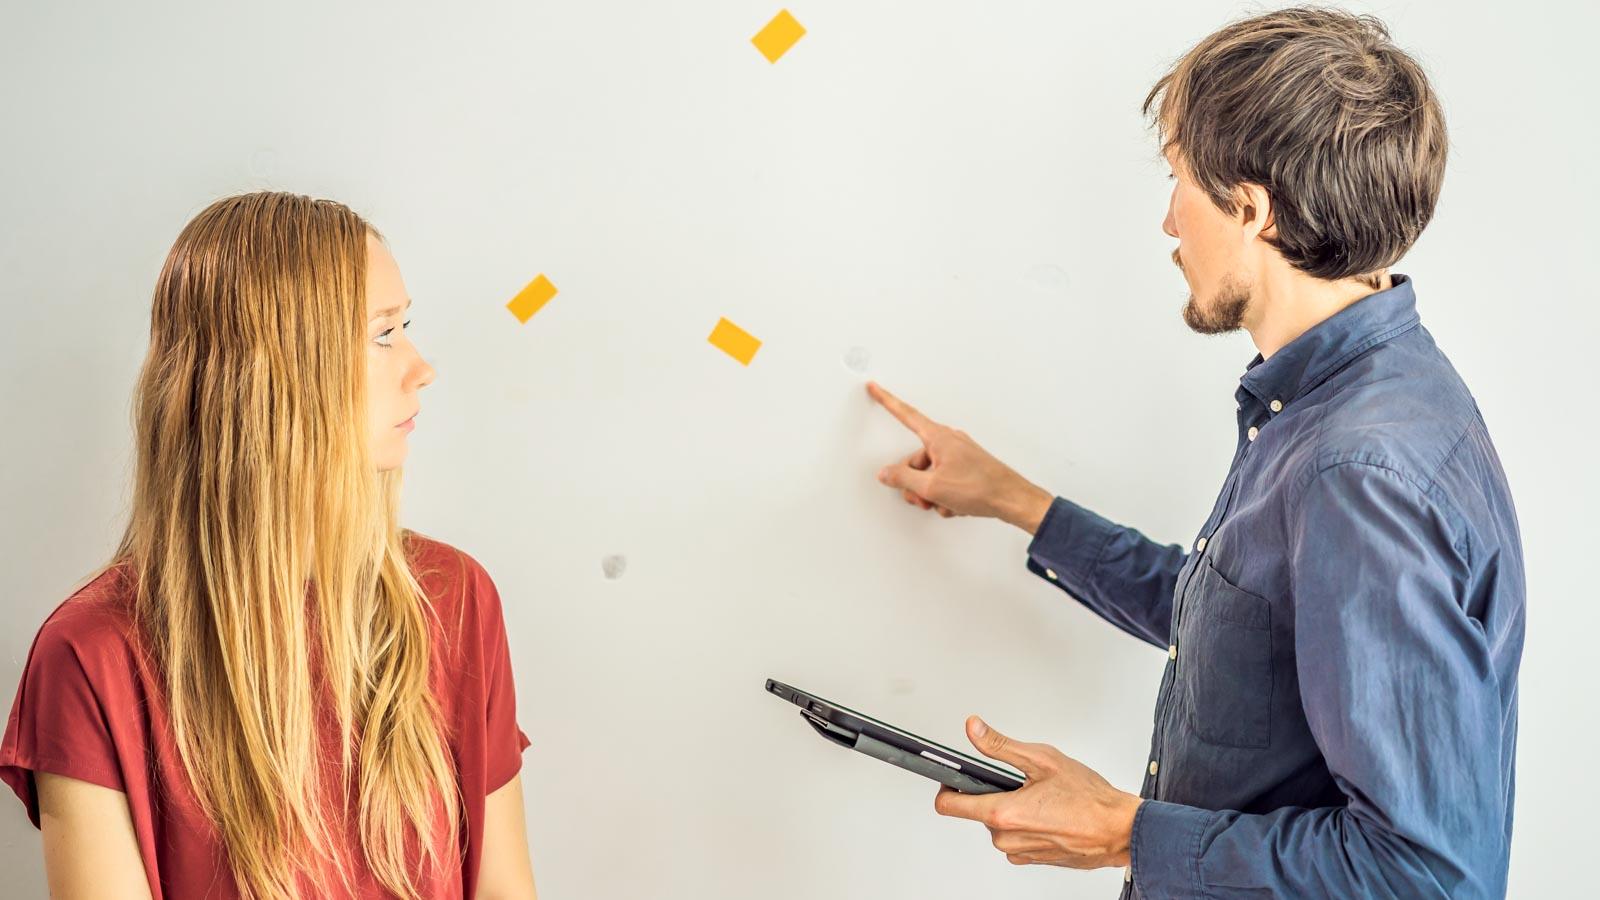 Vermieter zeigt Mieterin zahlreiche Dübellöcher an einer Wand